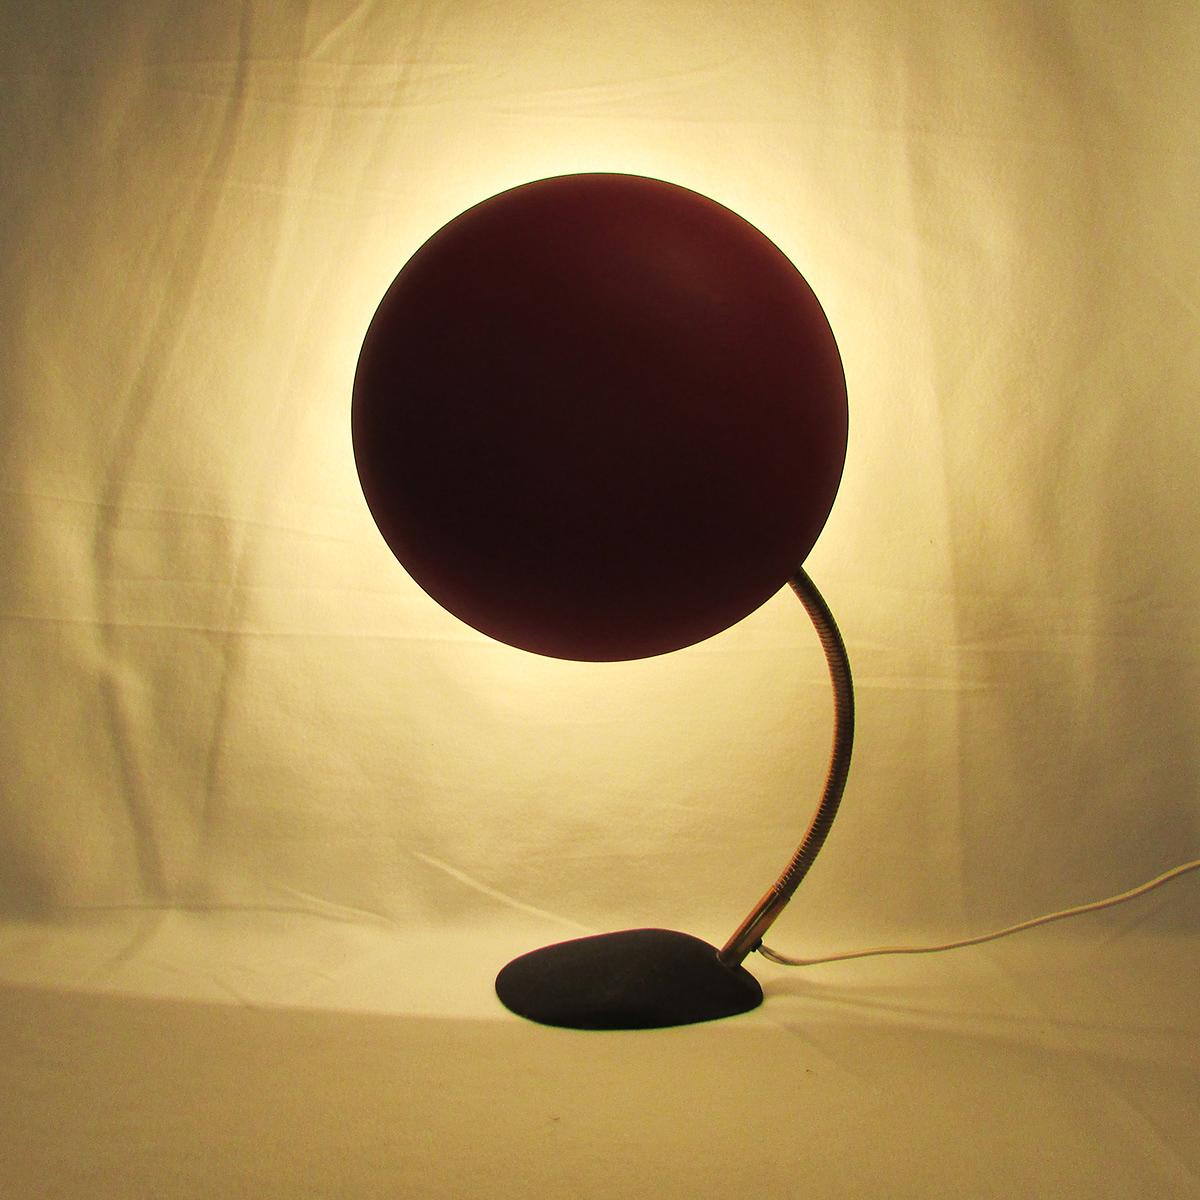 bag-turgi-red-desk-lamp-swiss-design-vintage